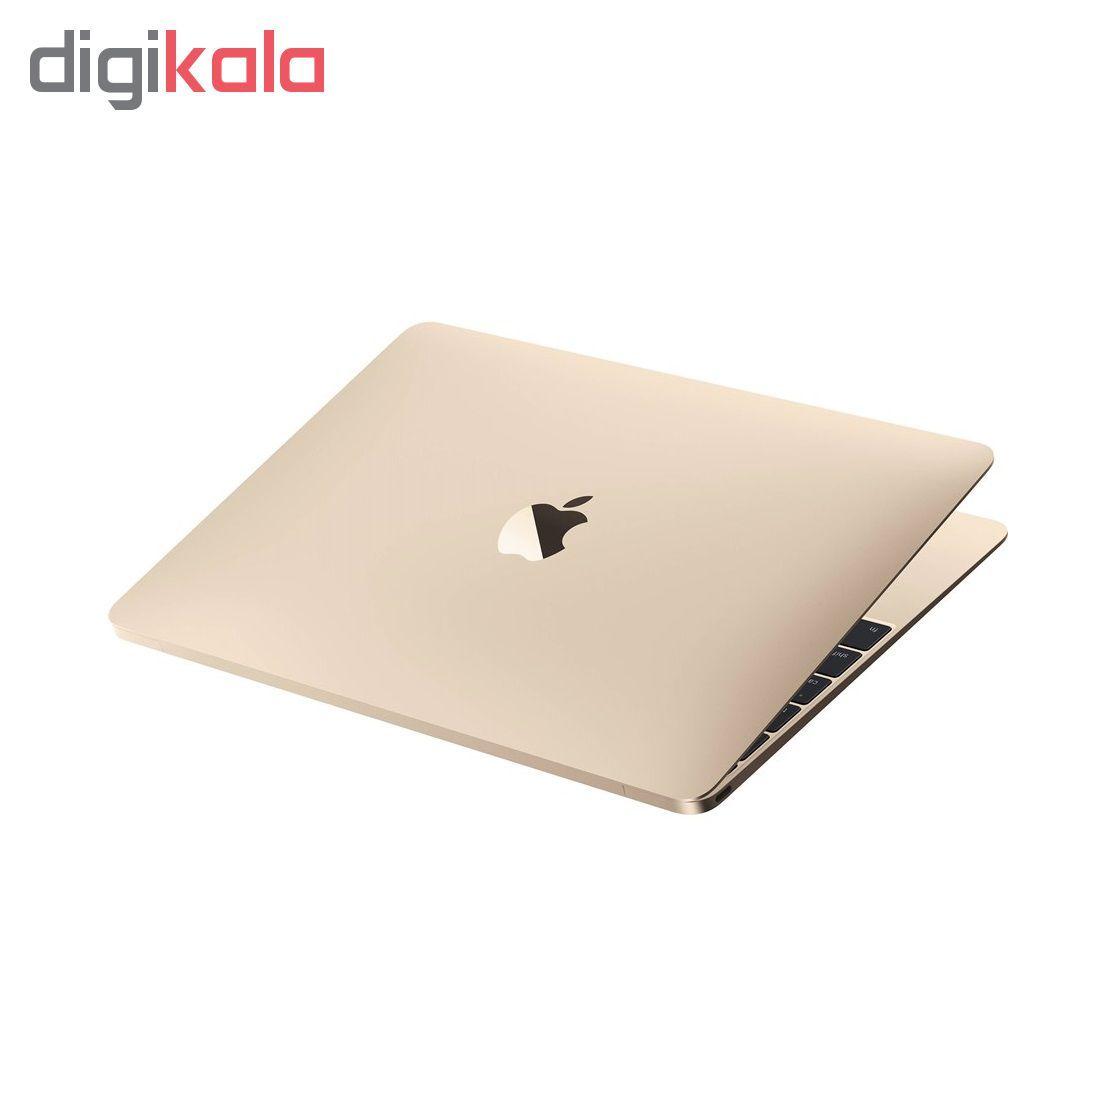 لپ تاپ 13 اینچی اپل مدل MacBook Air MVFM2 2018 با صفحه نمایش رتینا main 1 5